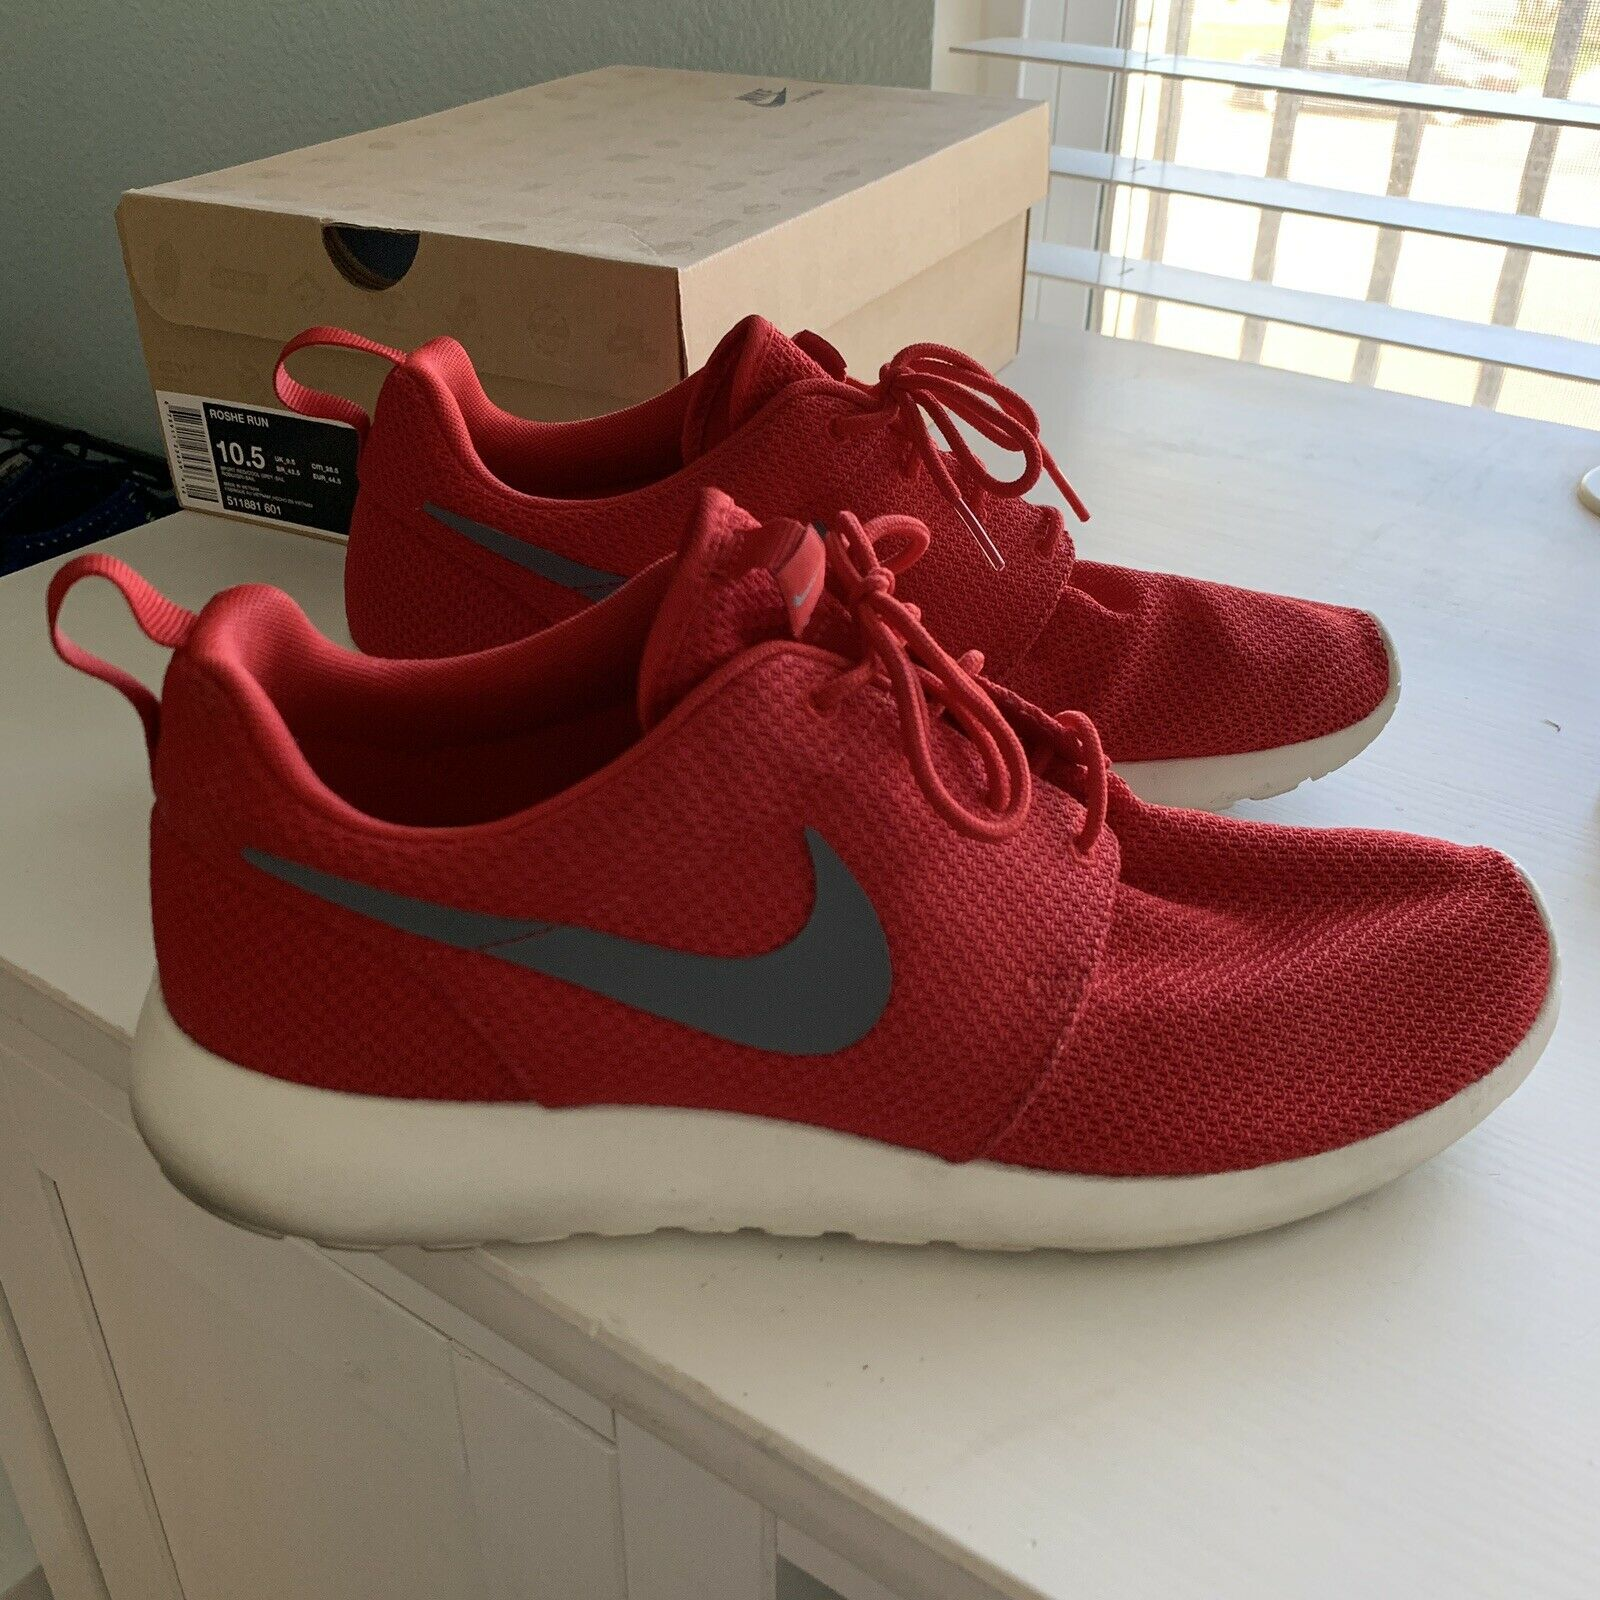 Nike Roshe Run OG Sport Red Sz. 10.5 511881 601